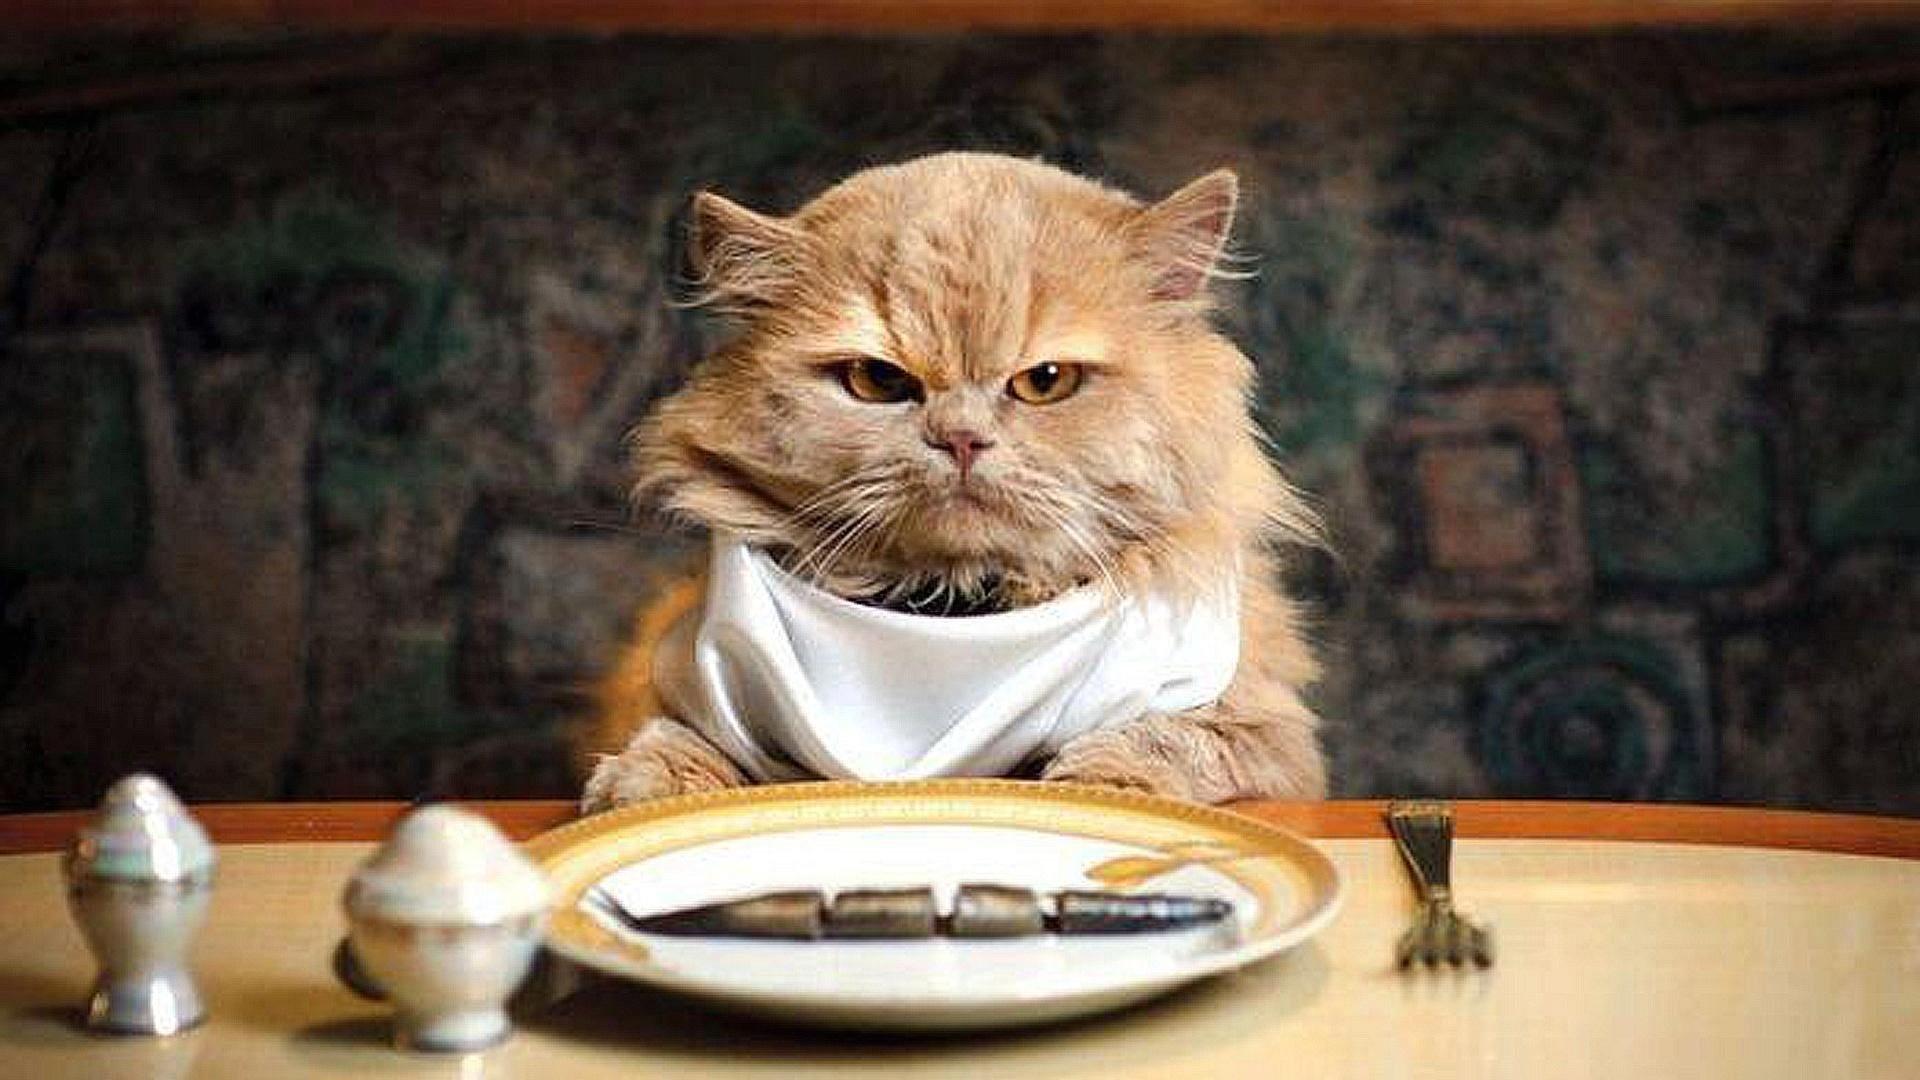 кухня картинка смешная животные идет на обед готовил репортаж жизни